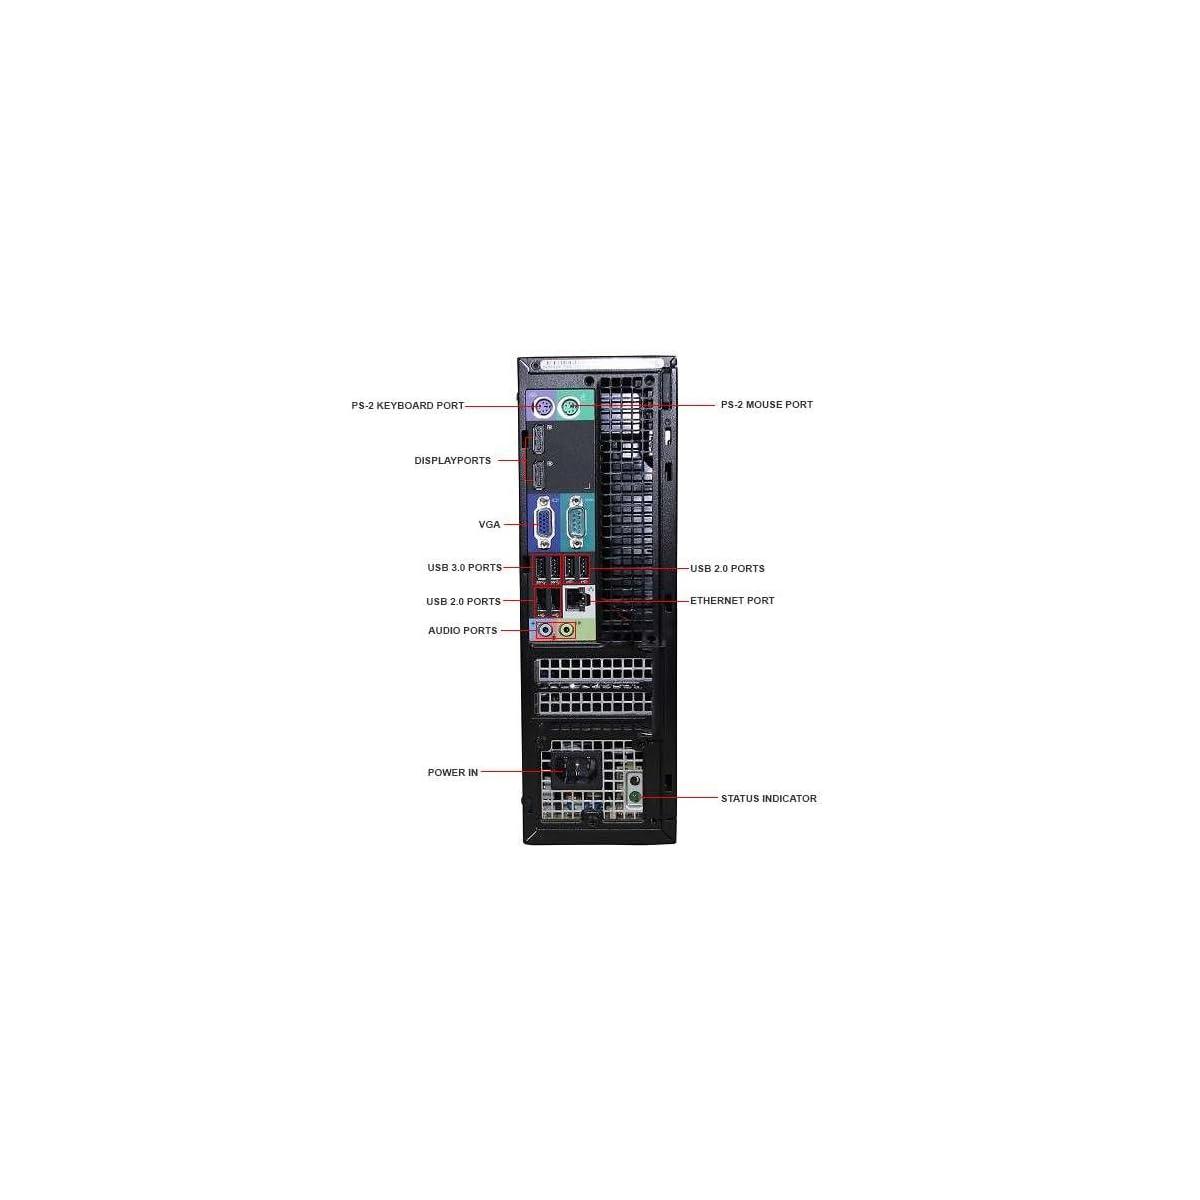 Dell Optiplex 9020 SFF Computer Desktop PC, Intel Core i5 Processor, 16 GB  Ram, 2 TB Hard Drive, WiFi, Bluetooth 4 0, DVD-RW, Dual 19 inch LCD